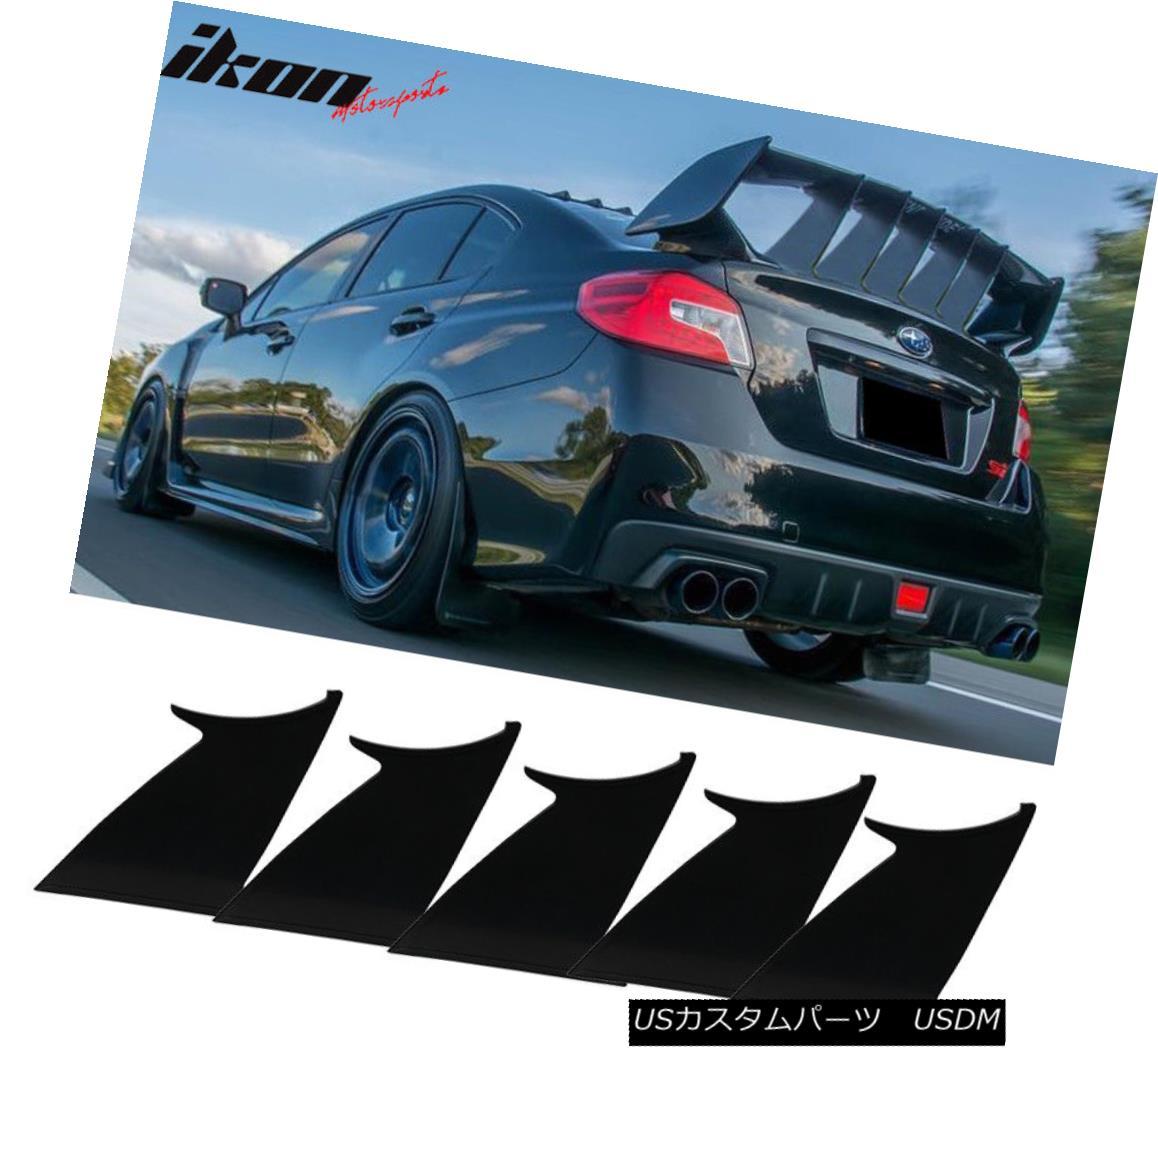 エアロパーツ 5PC Fits 15-18 Subaru WRX STI ABS Trunk Spoiler Wing Stabilizer Support Add On 5PC 15-18スバルWRX STI ABSトランク・スポイラーウィング・スタビライザー・サポートの追加